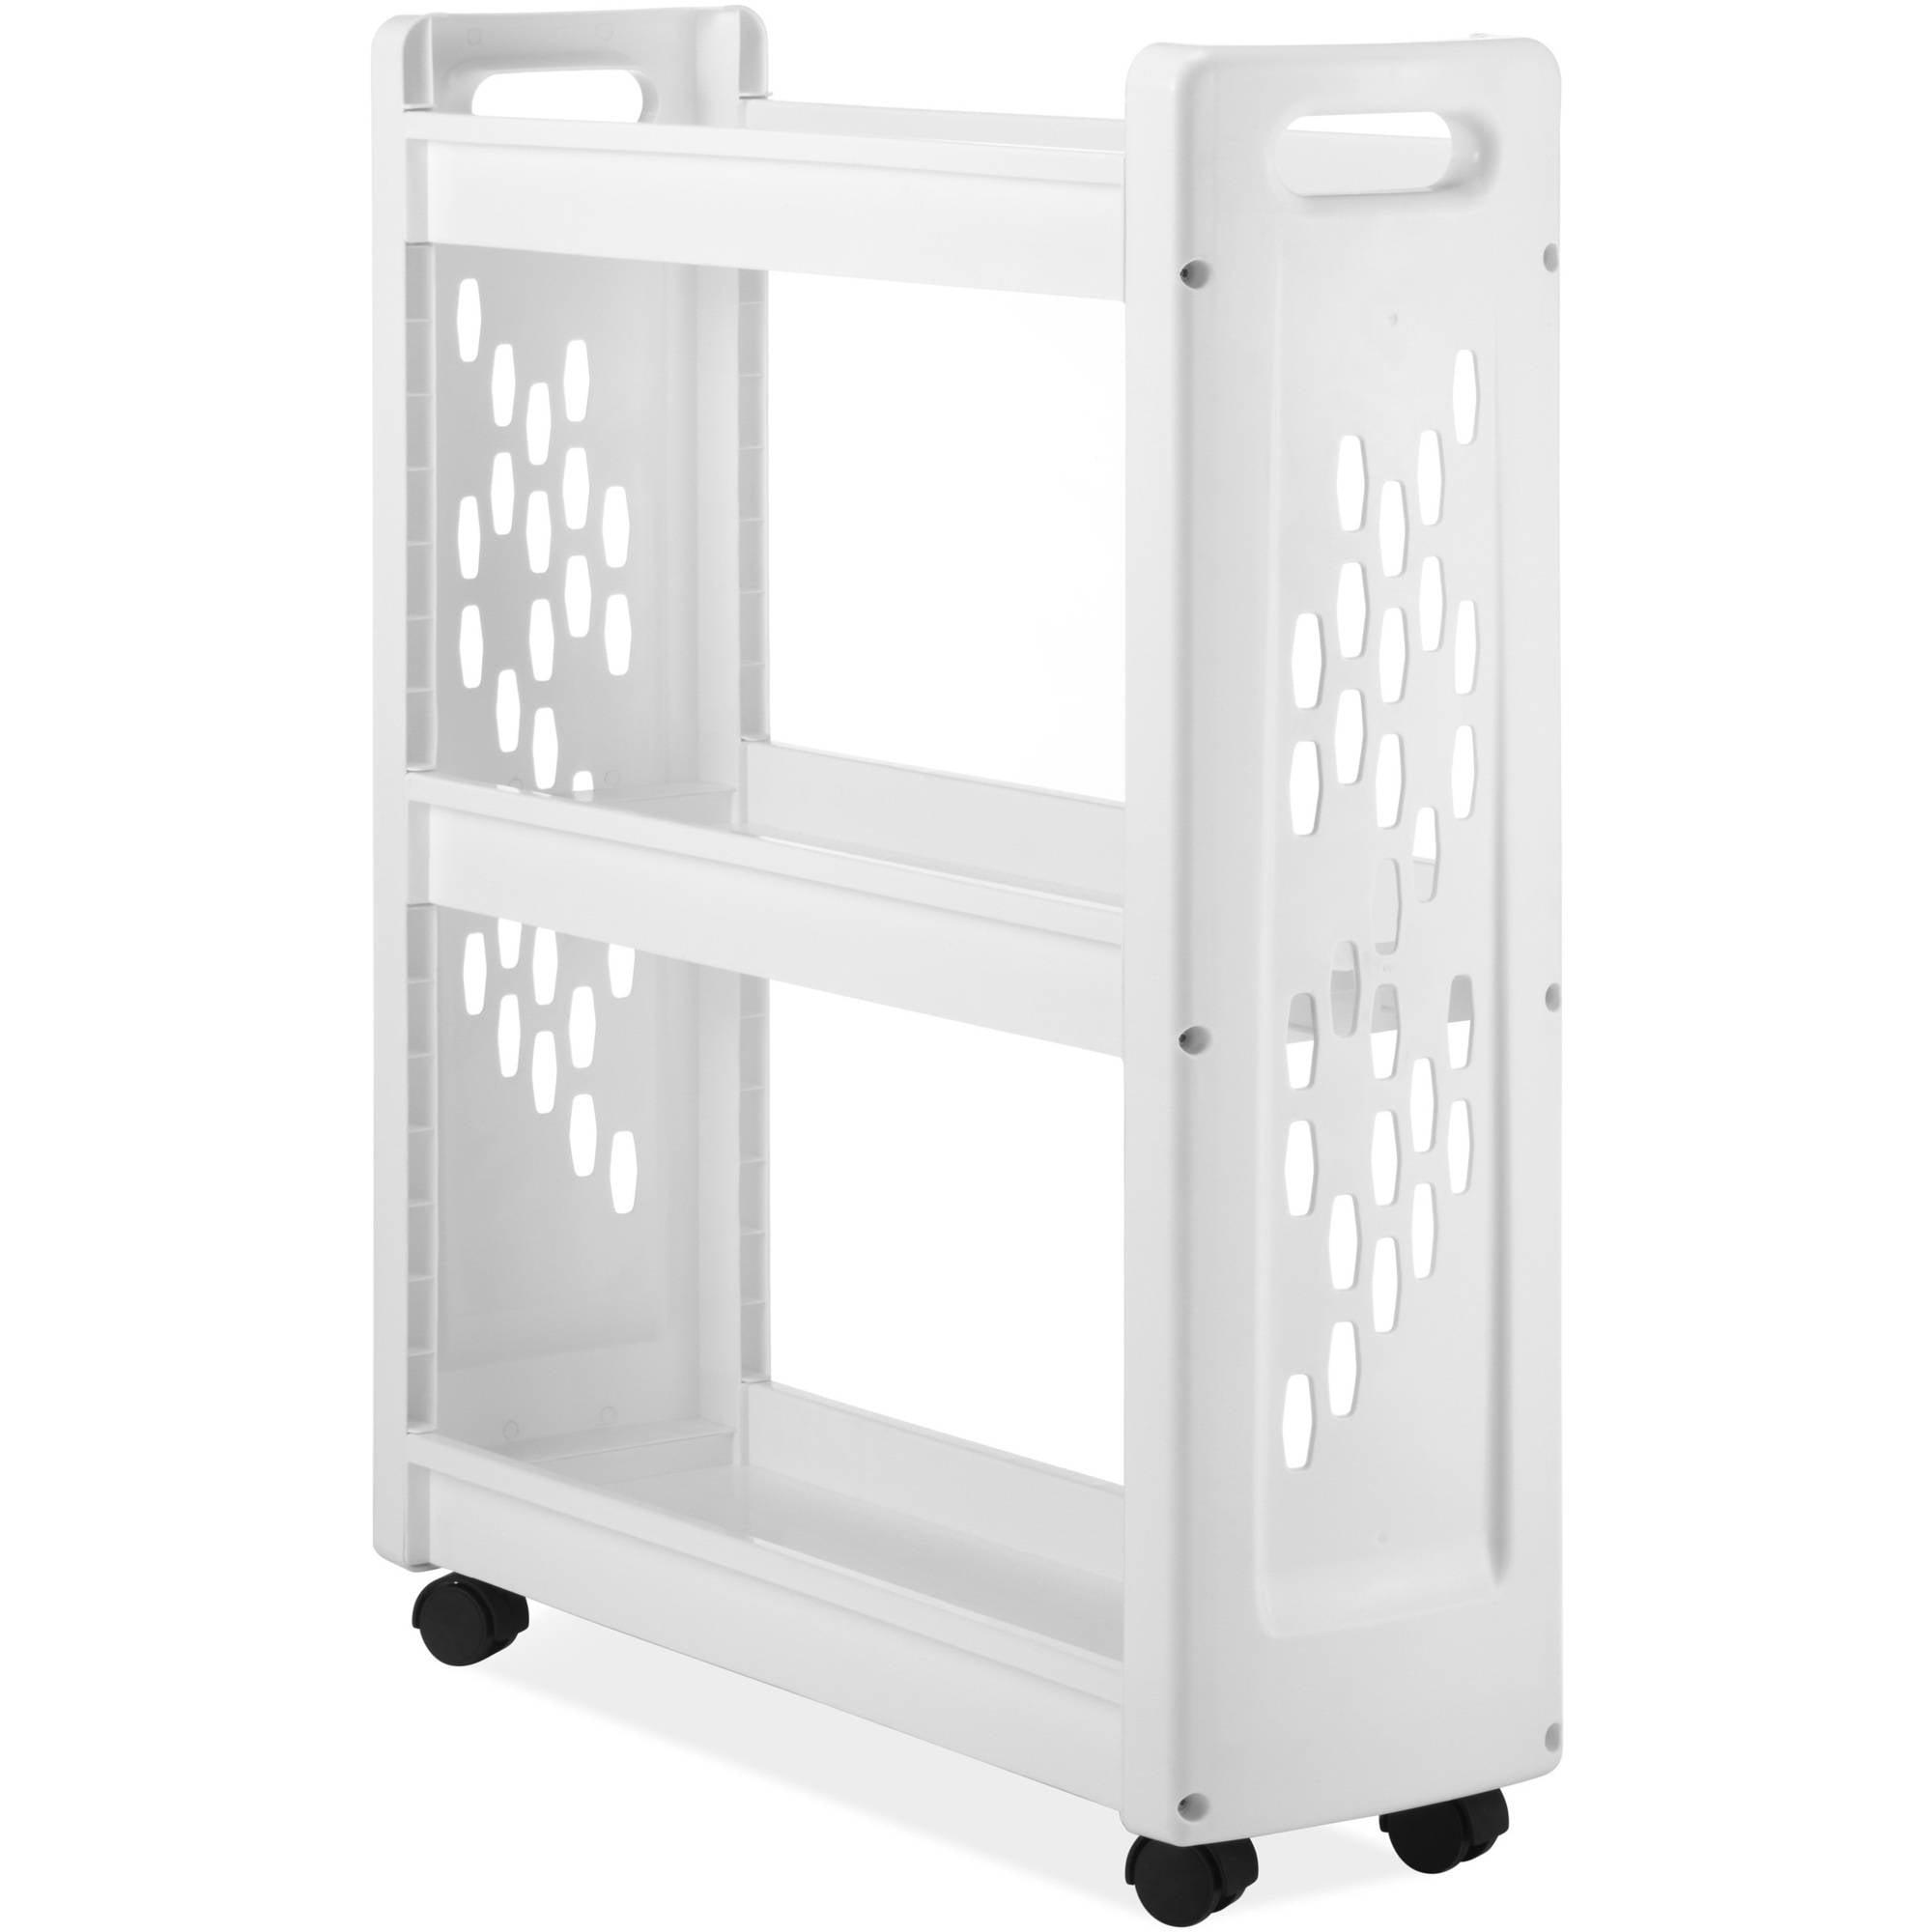 Walmart Rolling Clothes Hamper Laundry Carts Wheels